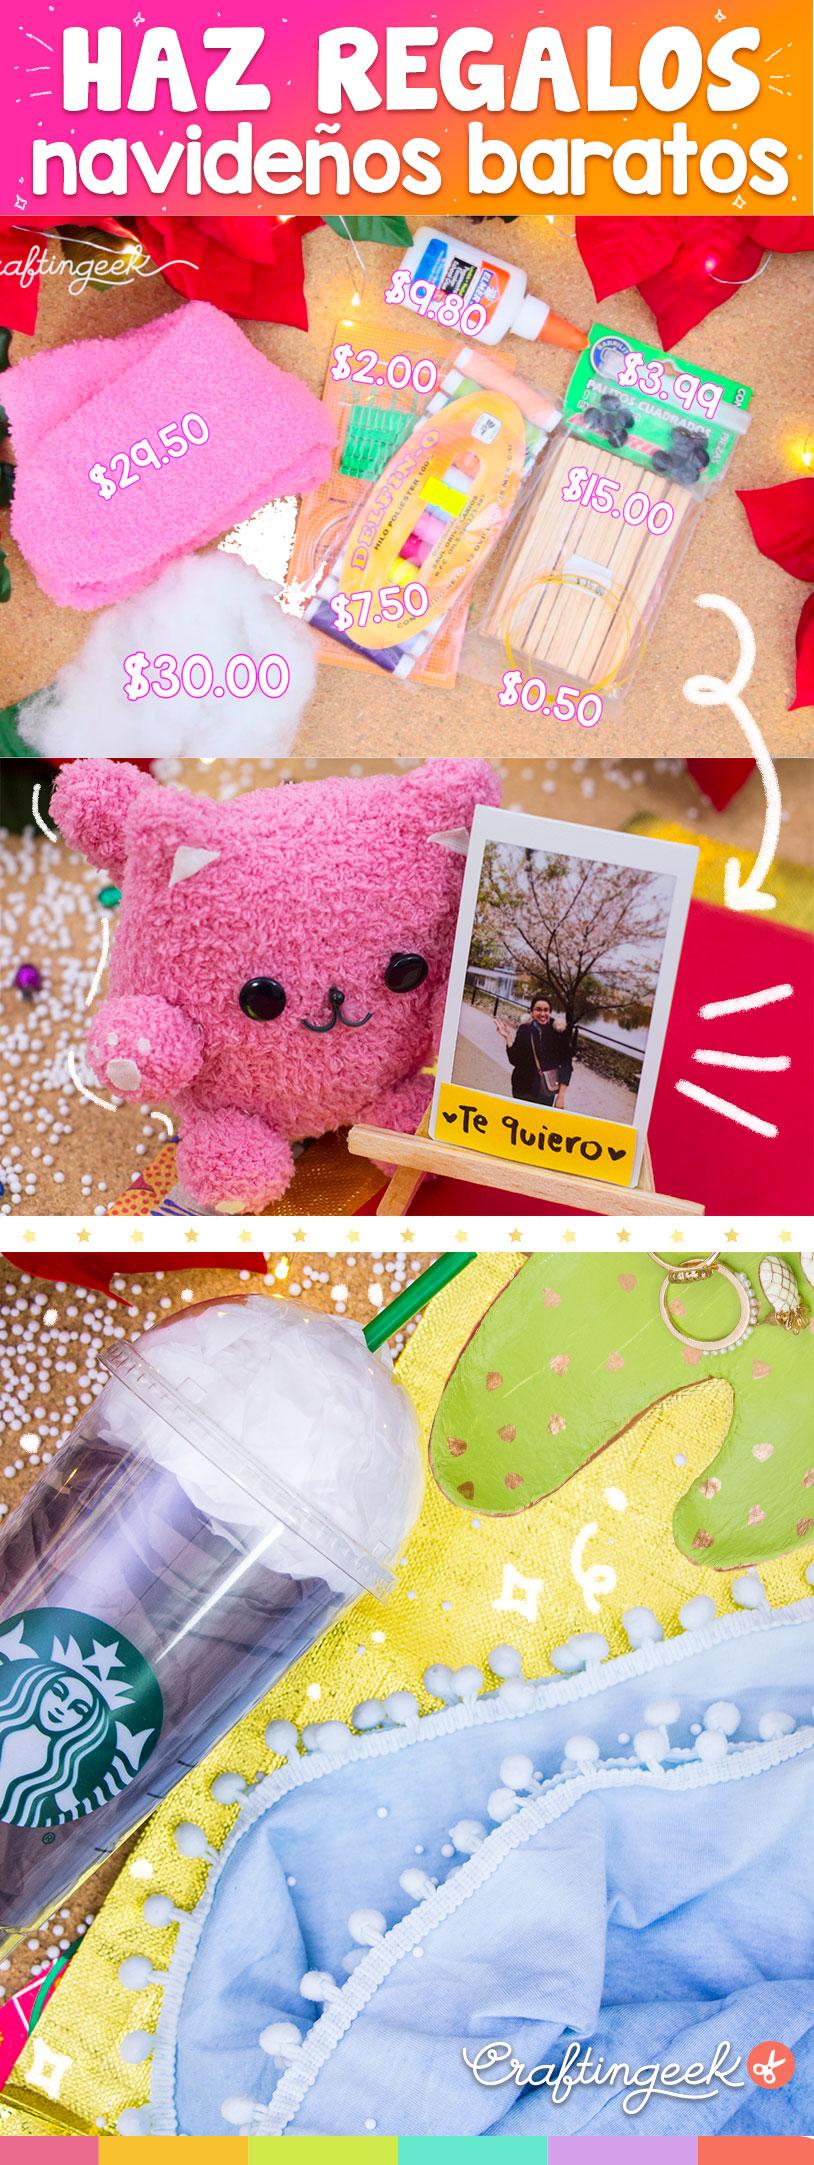 3 ideas de regalos originales para navidad craftingeek - Regalos bonitos para navidad ...